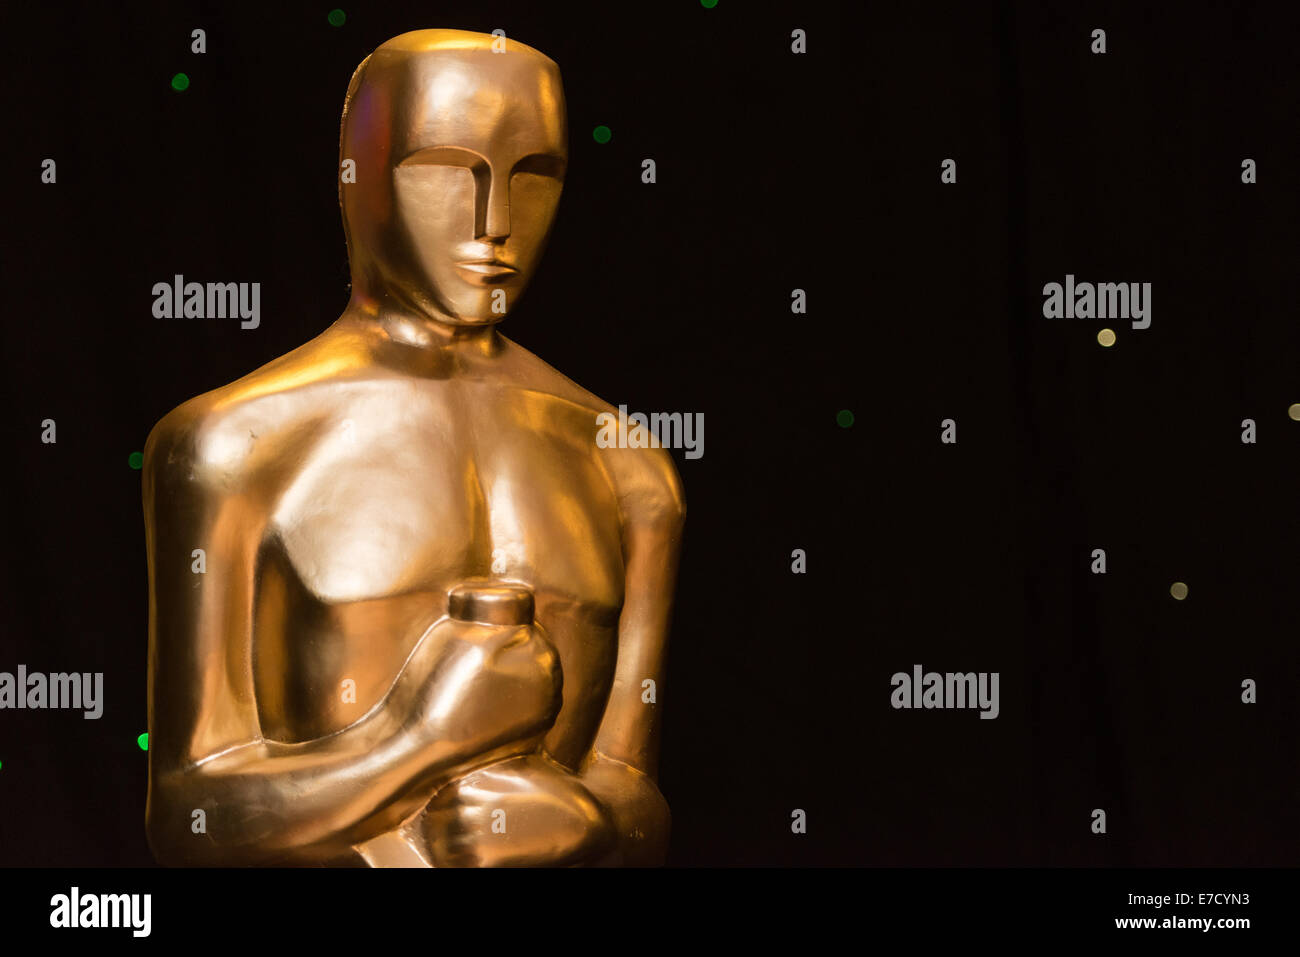 Eine Statue mit dem Bildnis des Oscar / Oscar-Statuette auf einem Hollywood-Themen-Event. Stockbild